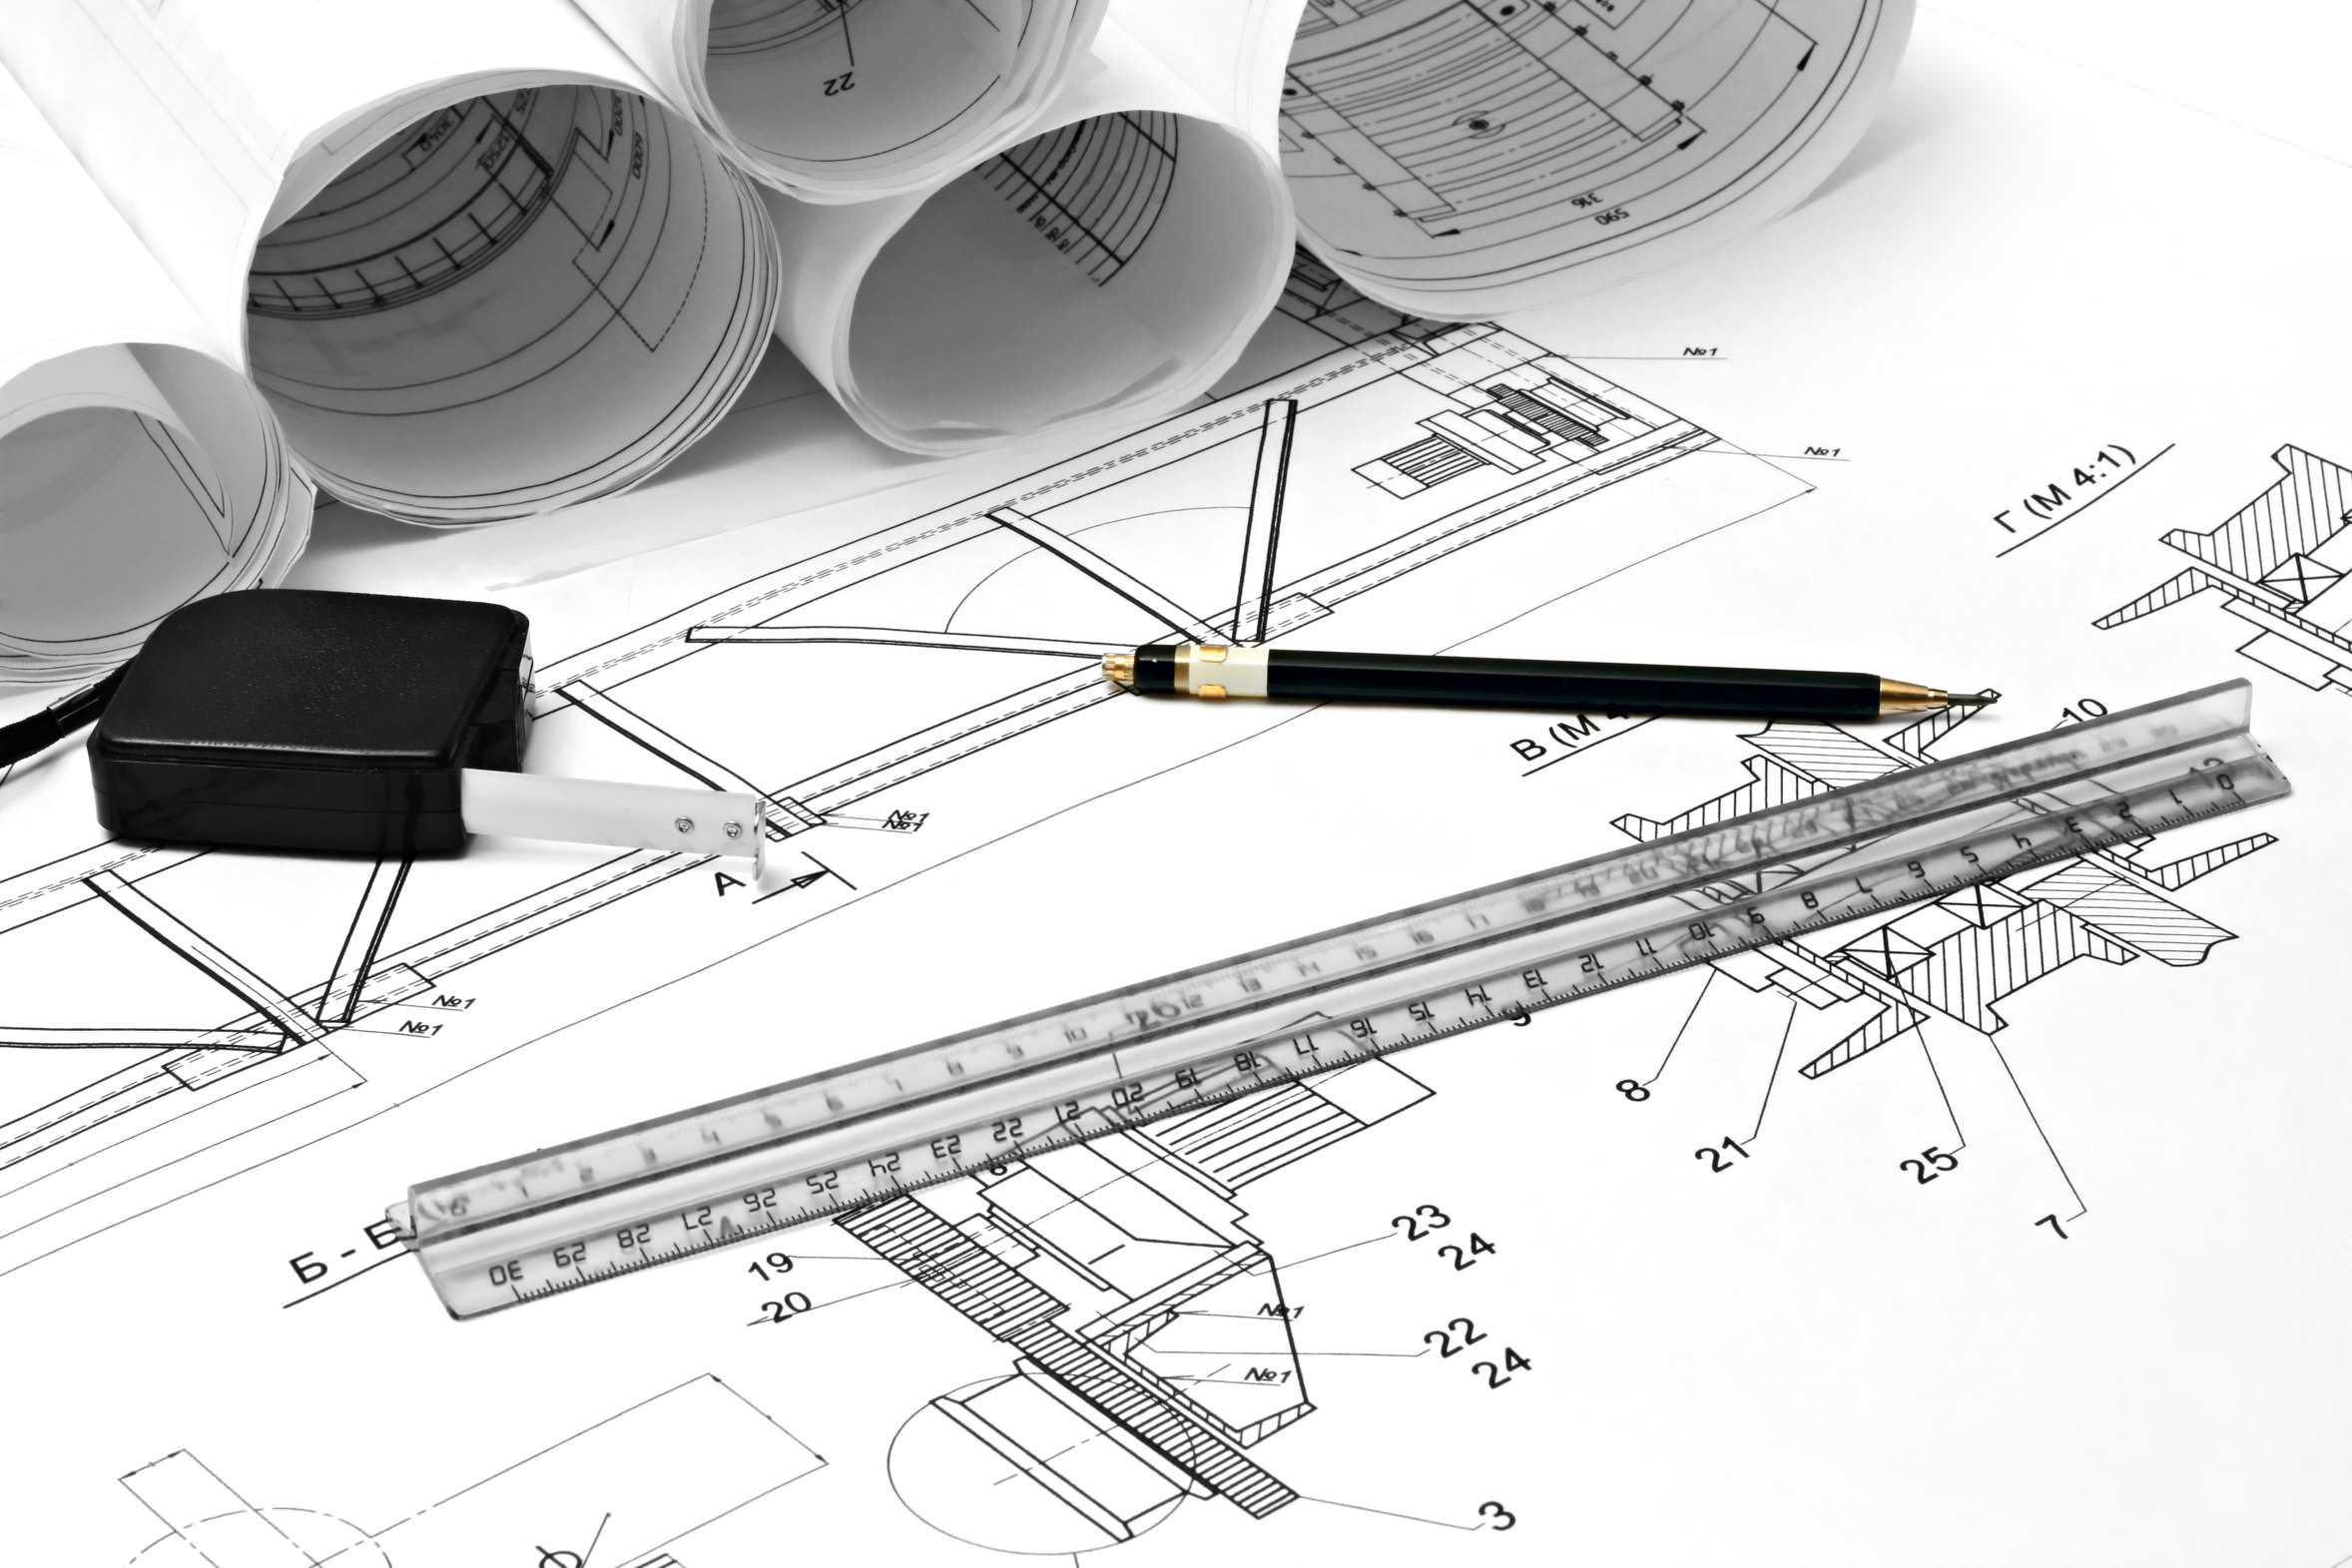 Progettazione c m f srl for Immagine di un disegno di architetto